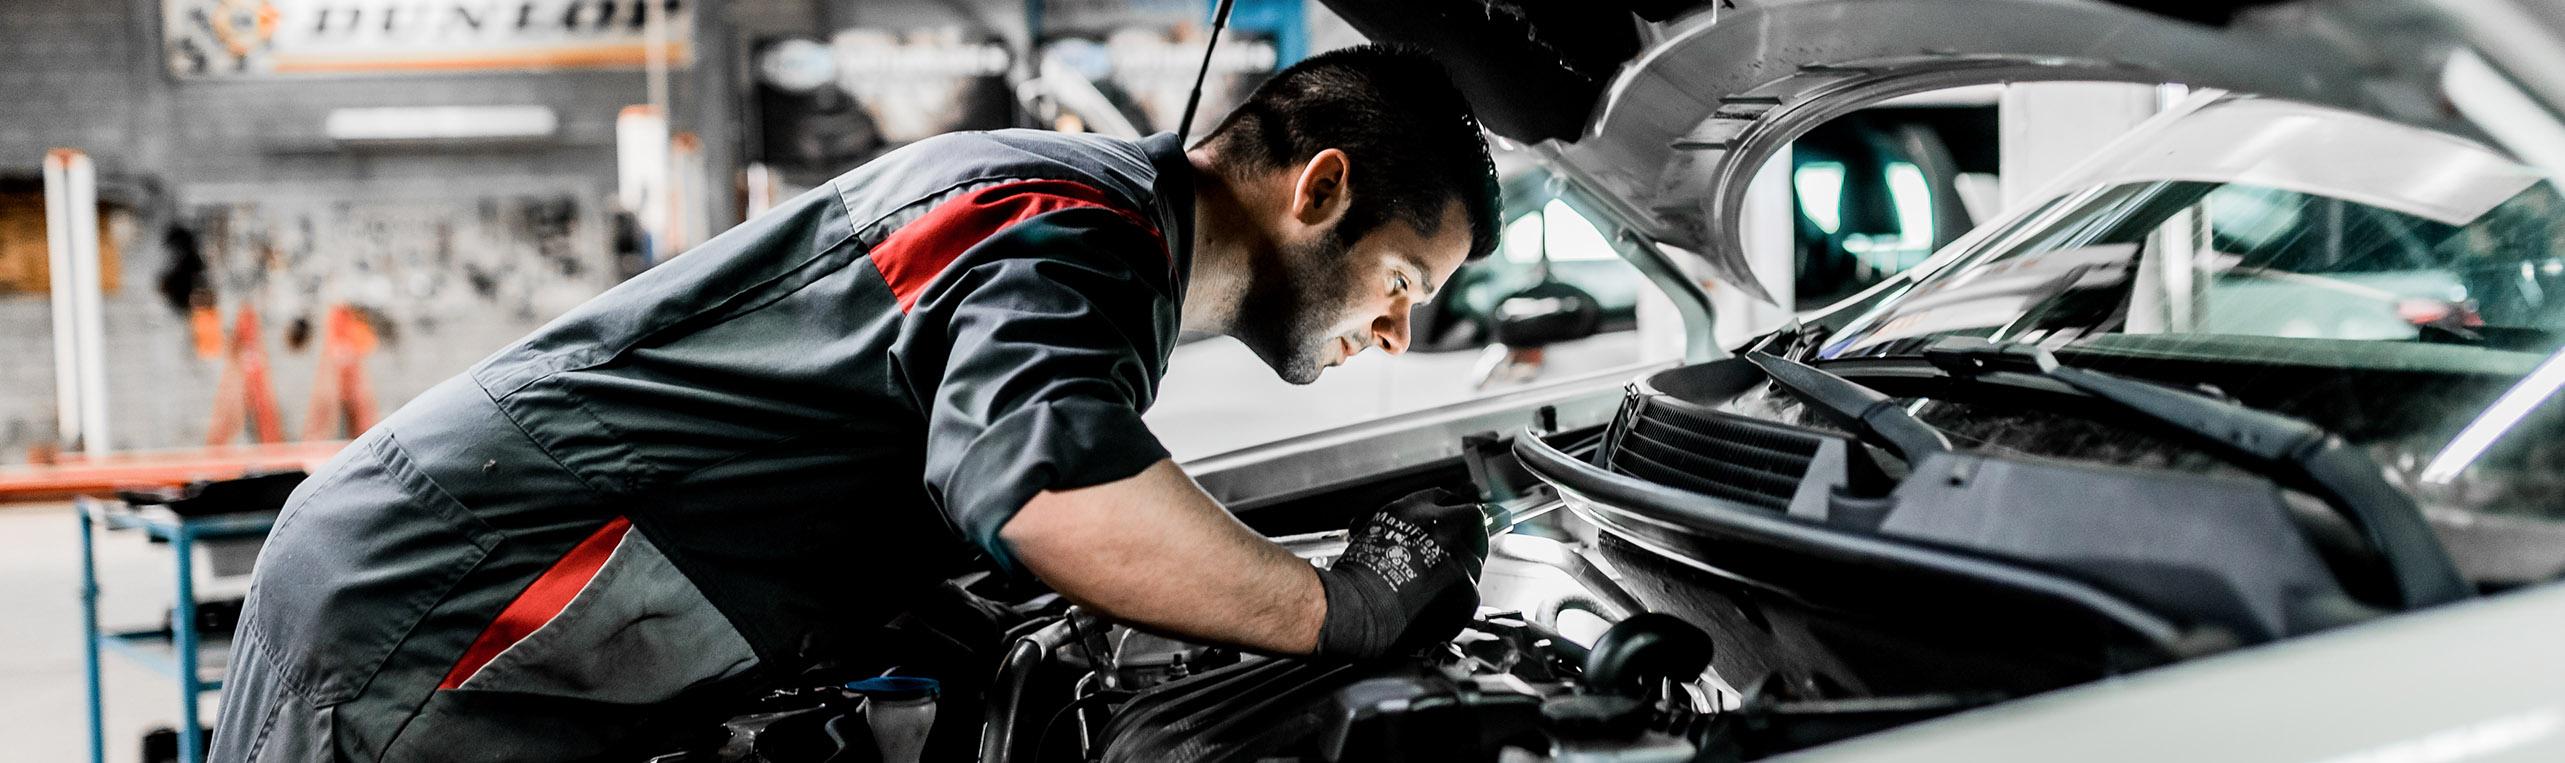 ZIP tuning autobedrijf Geurts in Echt